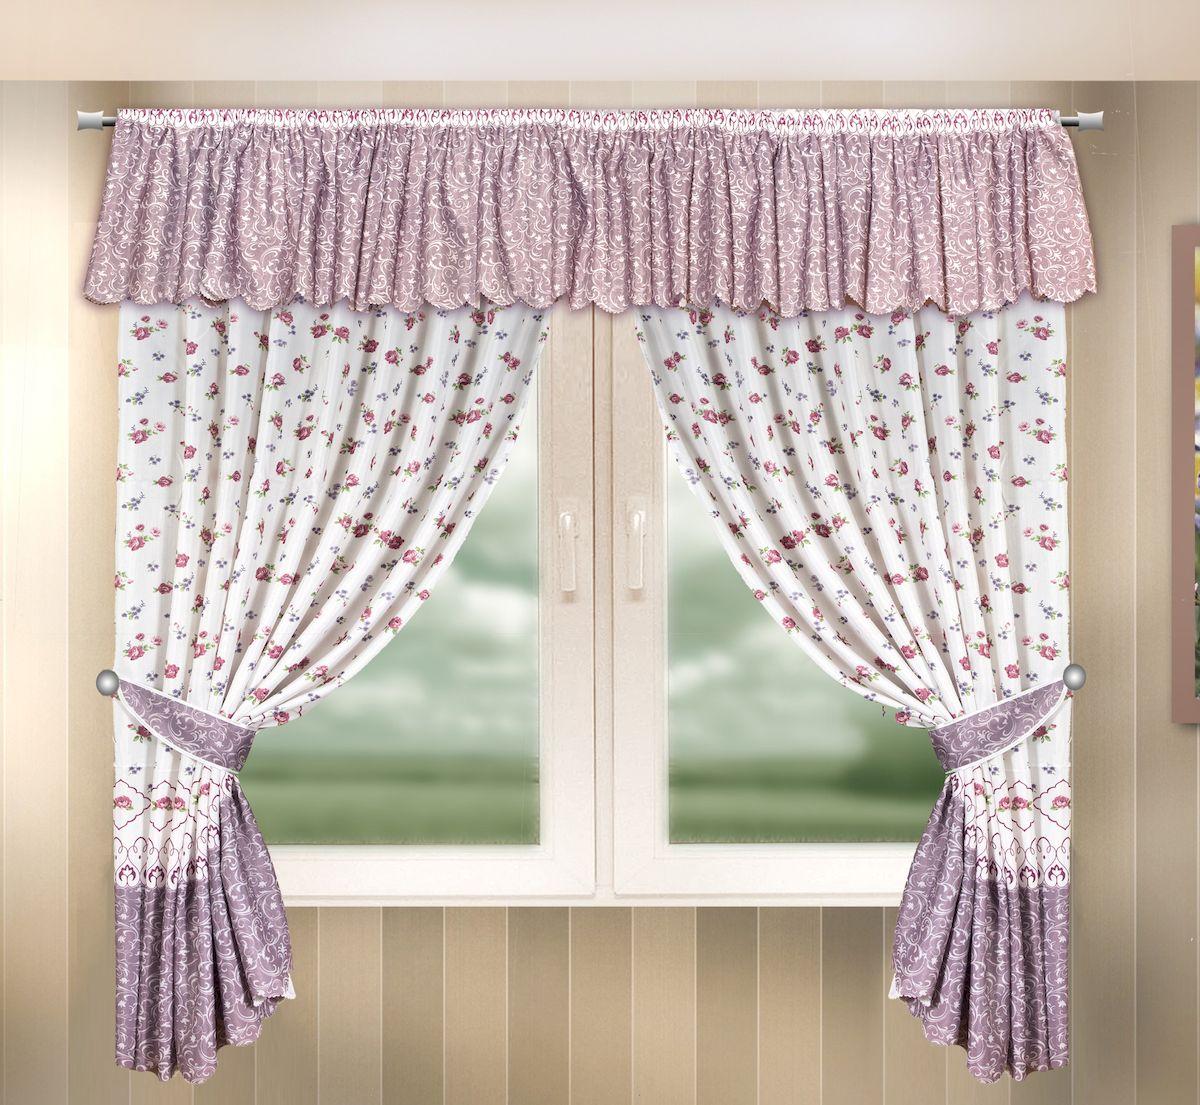 Комплект штор для кухни Zlata Korunka, на ленте, цвет: сиреневый, высота 170 см. 333337333337Комплект штор для кухни Zlata Korunka, выполненный из полиэстера, великолепно украсит любое окно. Комплект состоит из ламбрекена, 2 штор и 2 подхватов. Цветочный рисунок и приятная цветовая гамма привлекут к себе внимание и органично впишутся в интерьер помещения. Этот комплект будет долгое время радовать вас и вашу семью! Комплект крепится на карниз при помощи ленты, которая поможет красиво и равномерно задрапировать верх. В комплект входит: Ламбрекен: 1 шт. Размер (Ш х В): 290 х 35 см. Штора: 2 шт. Размер (Ш х В): 140 х 170 см. Подхват: 2 шт.